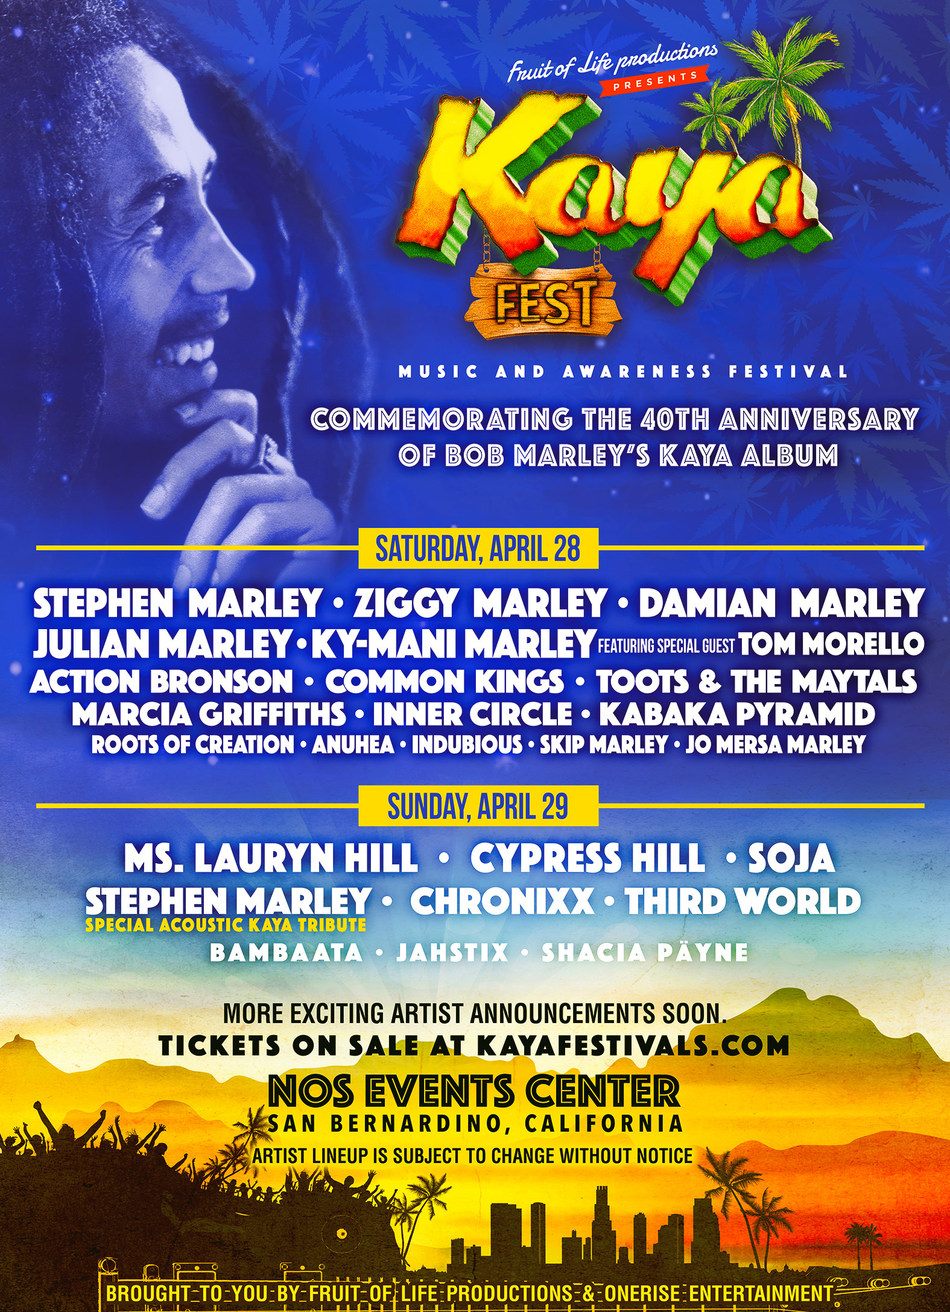 Kaya Fest Line-up